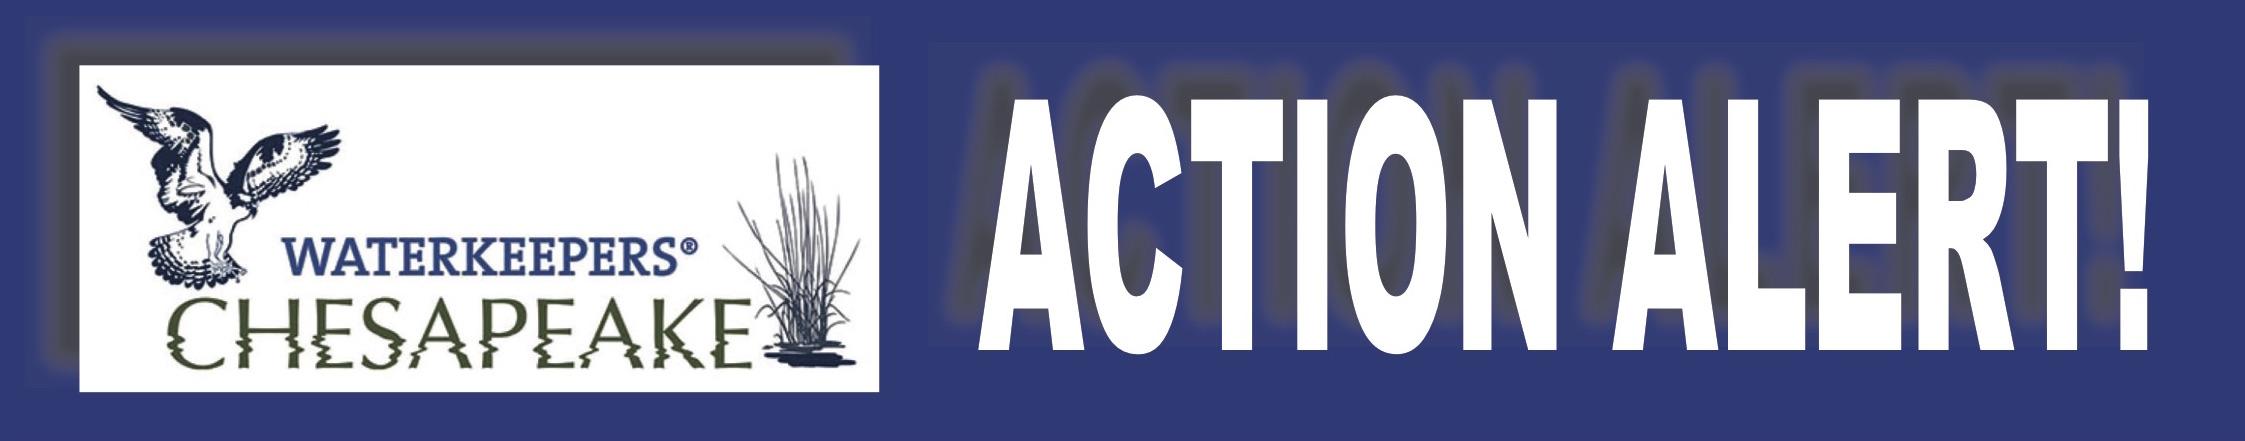 Actionalert